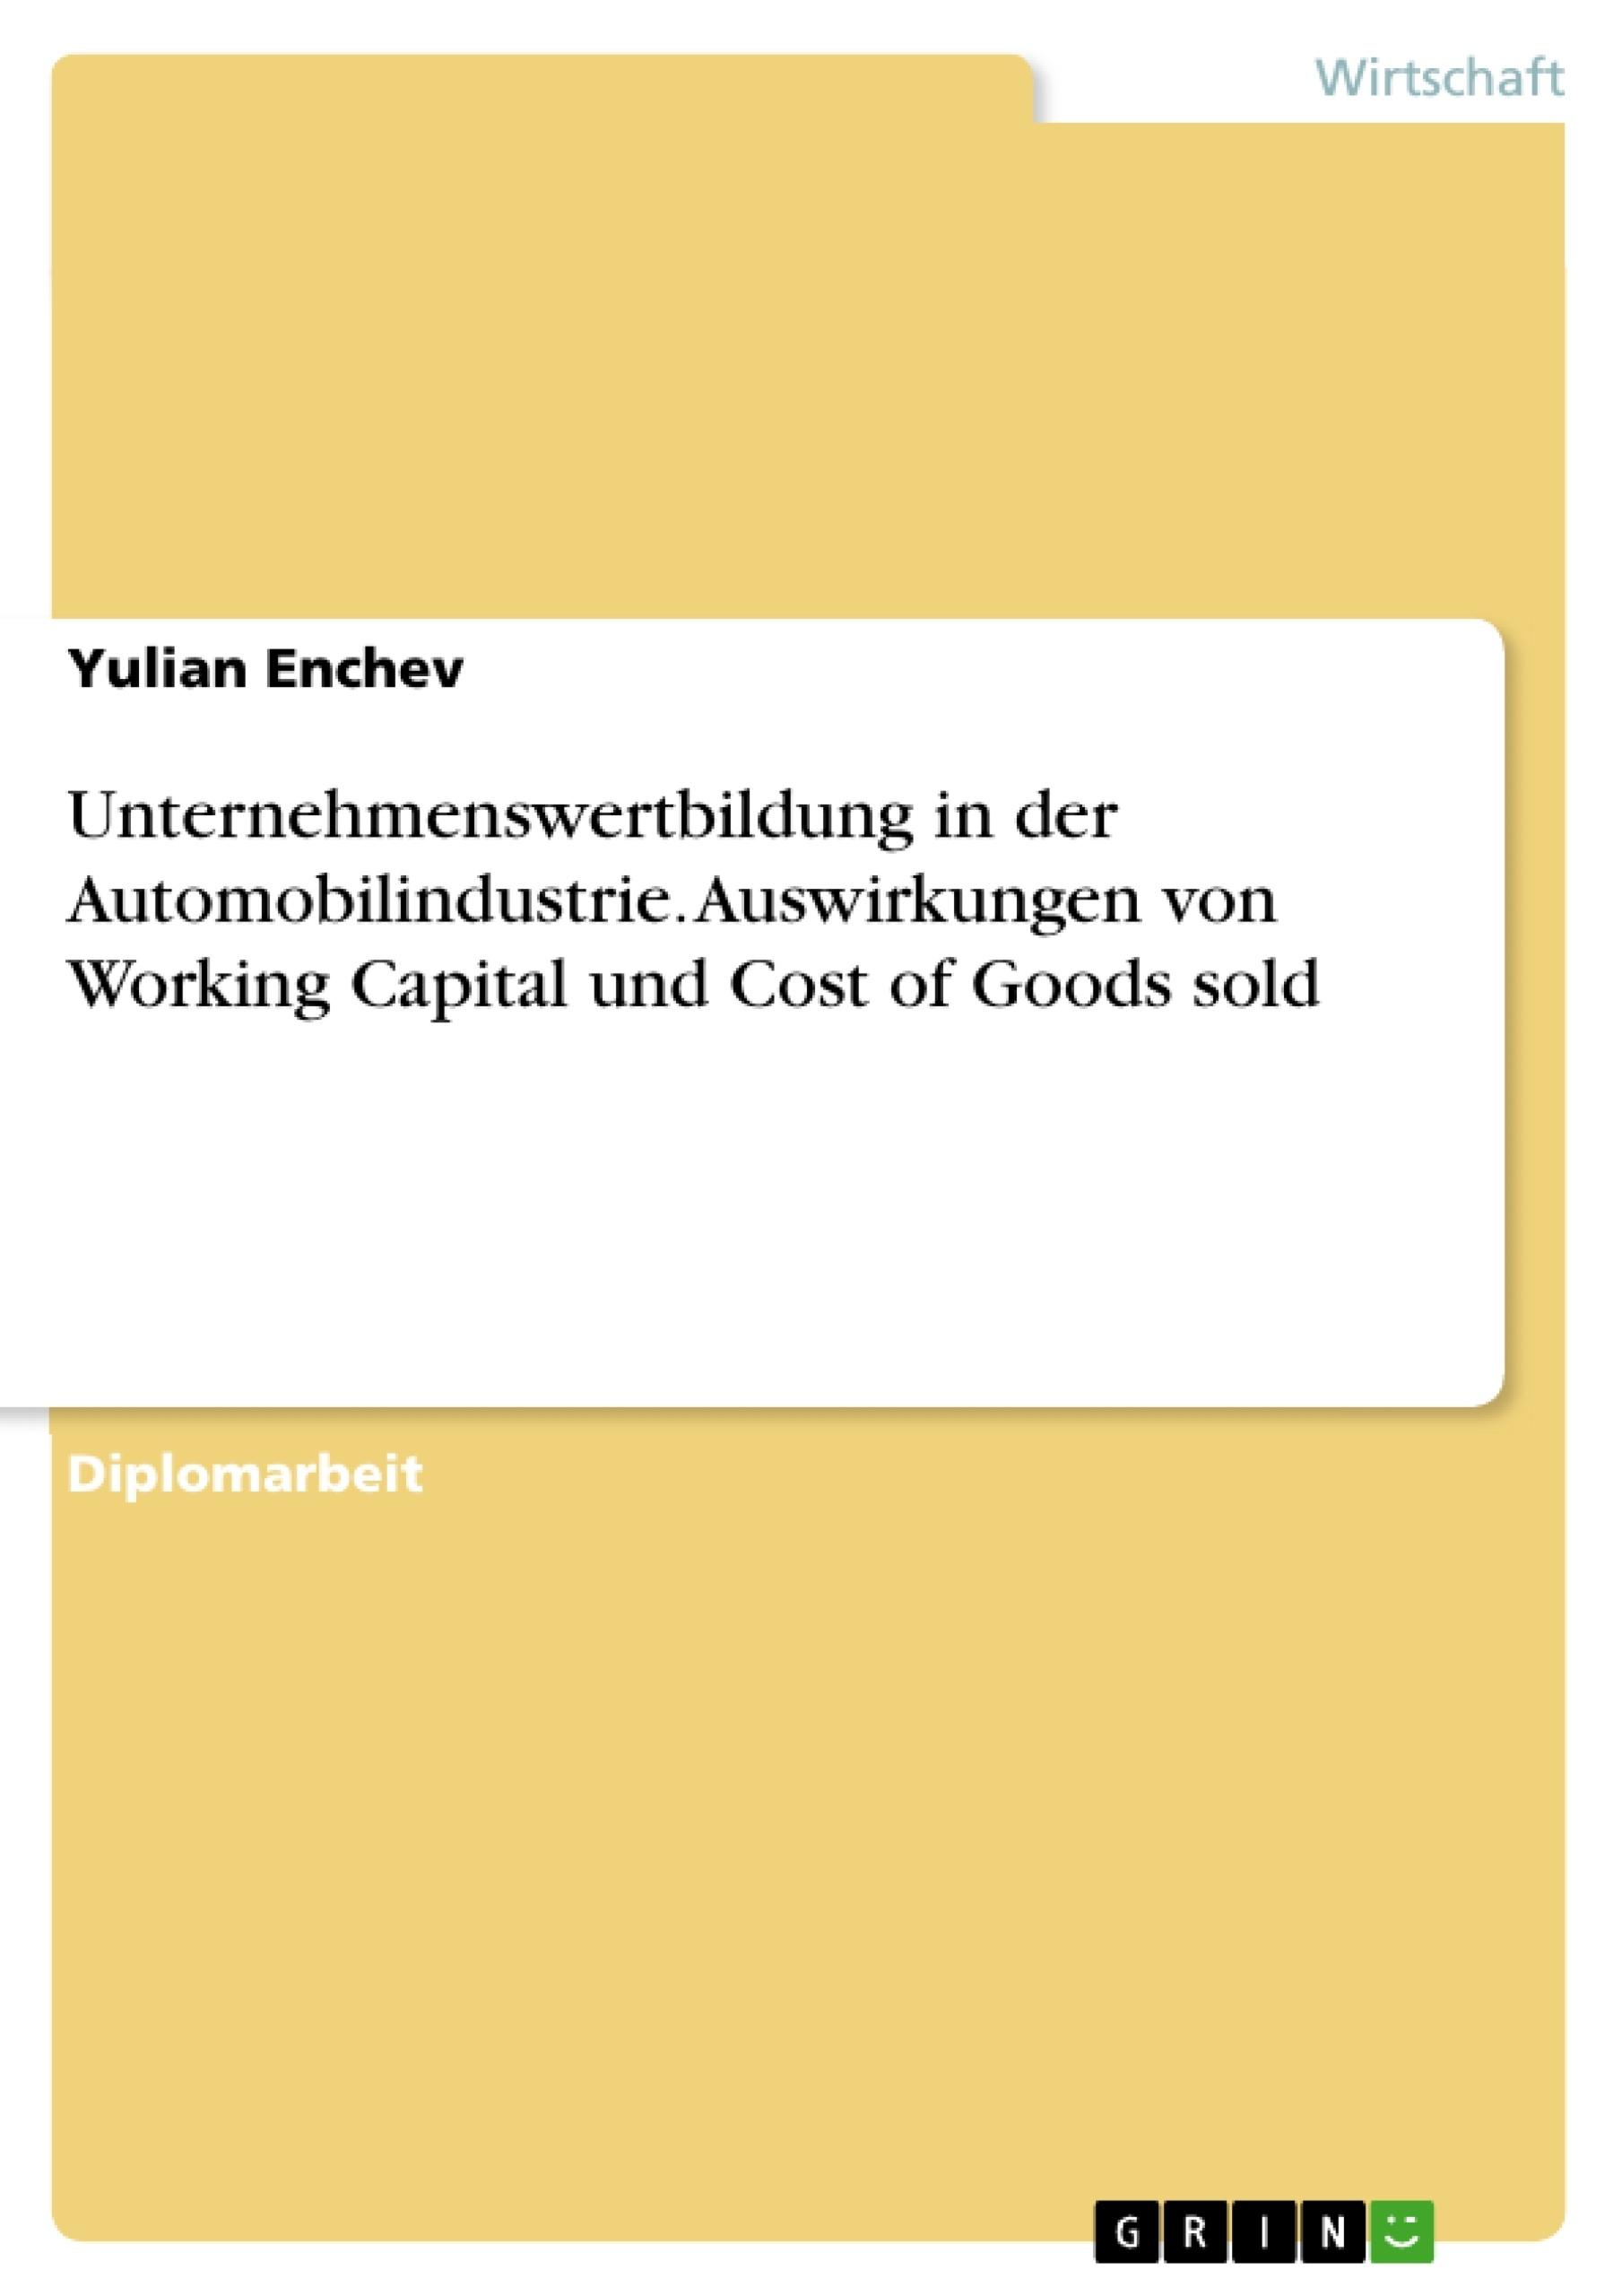 Titel: Unternehmenswertbildung in der Automobilindustrie. Auswirkungen von Working Capital und Cost of Goods sold